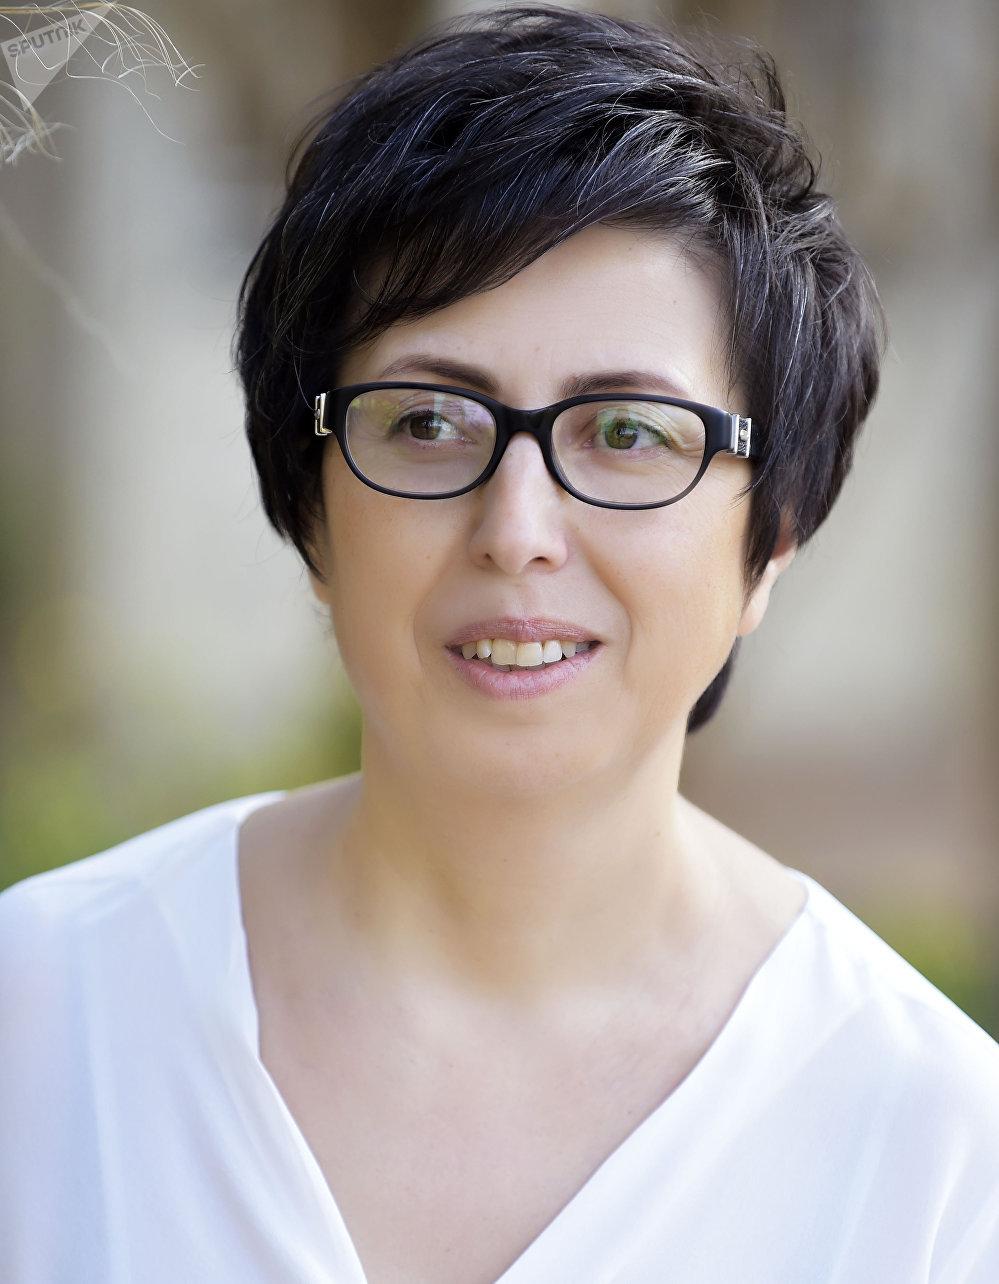 سهام انطون مرشحة الحزب الشيوعي اللبناني في دائرة بعلبك الهرمل